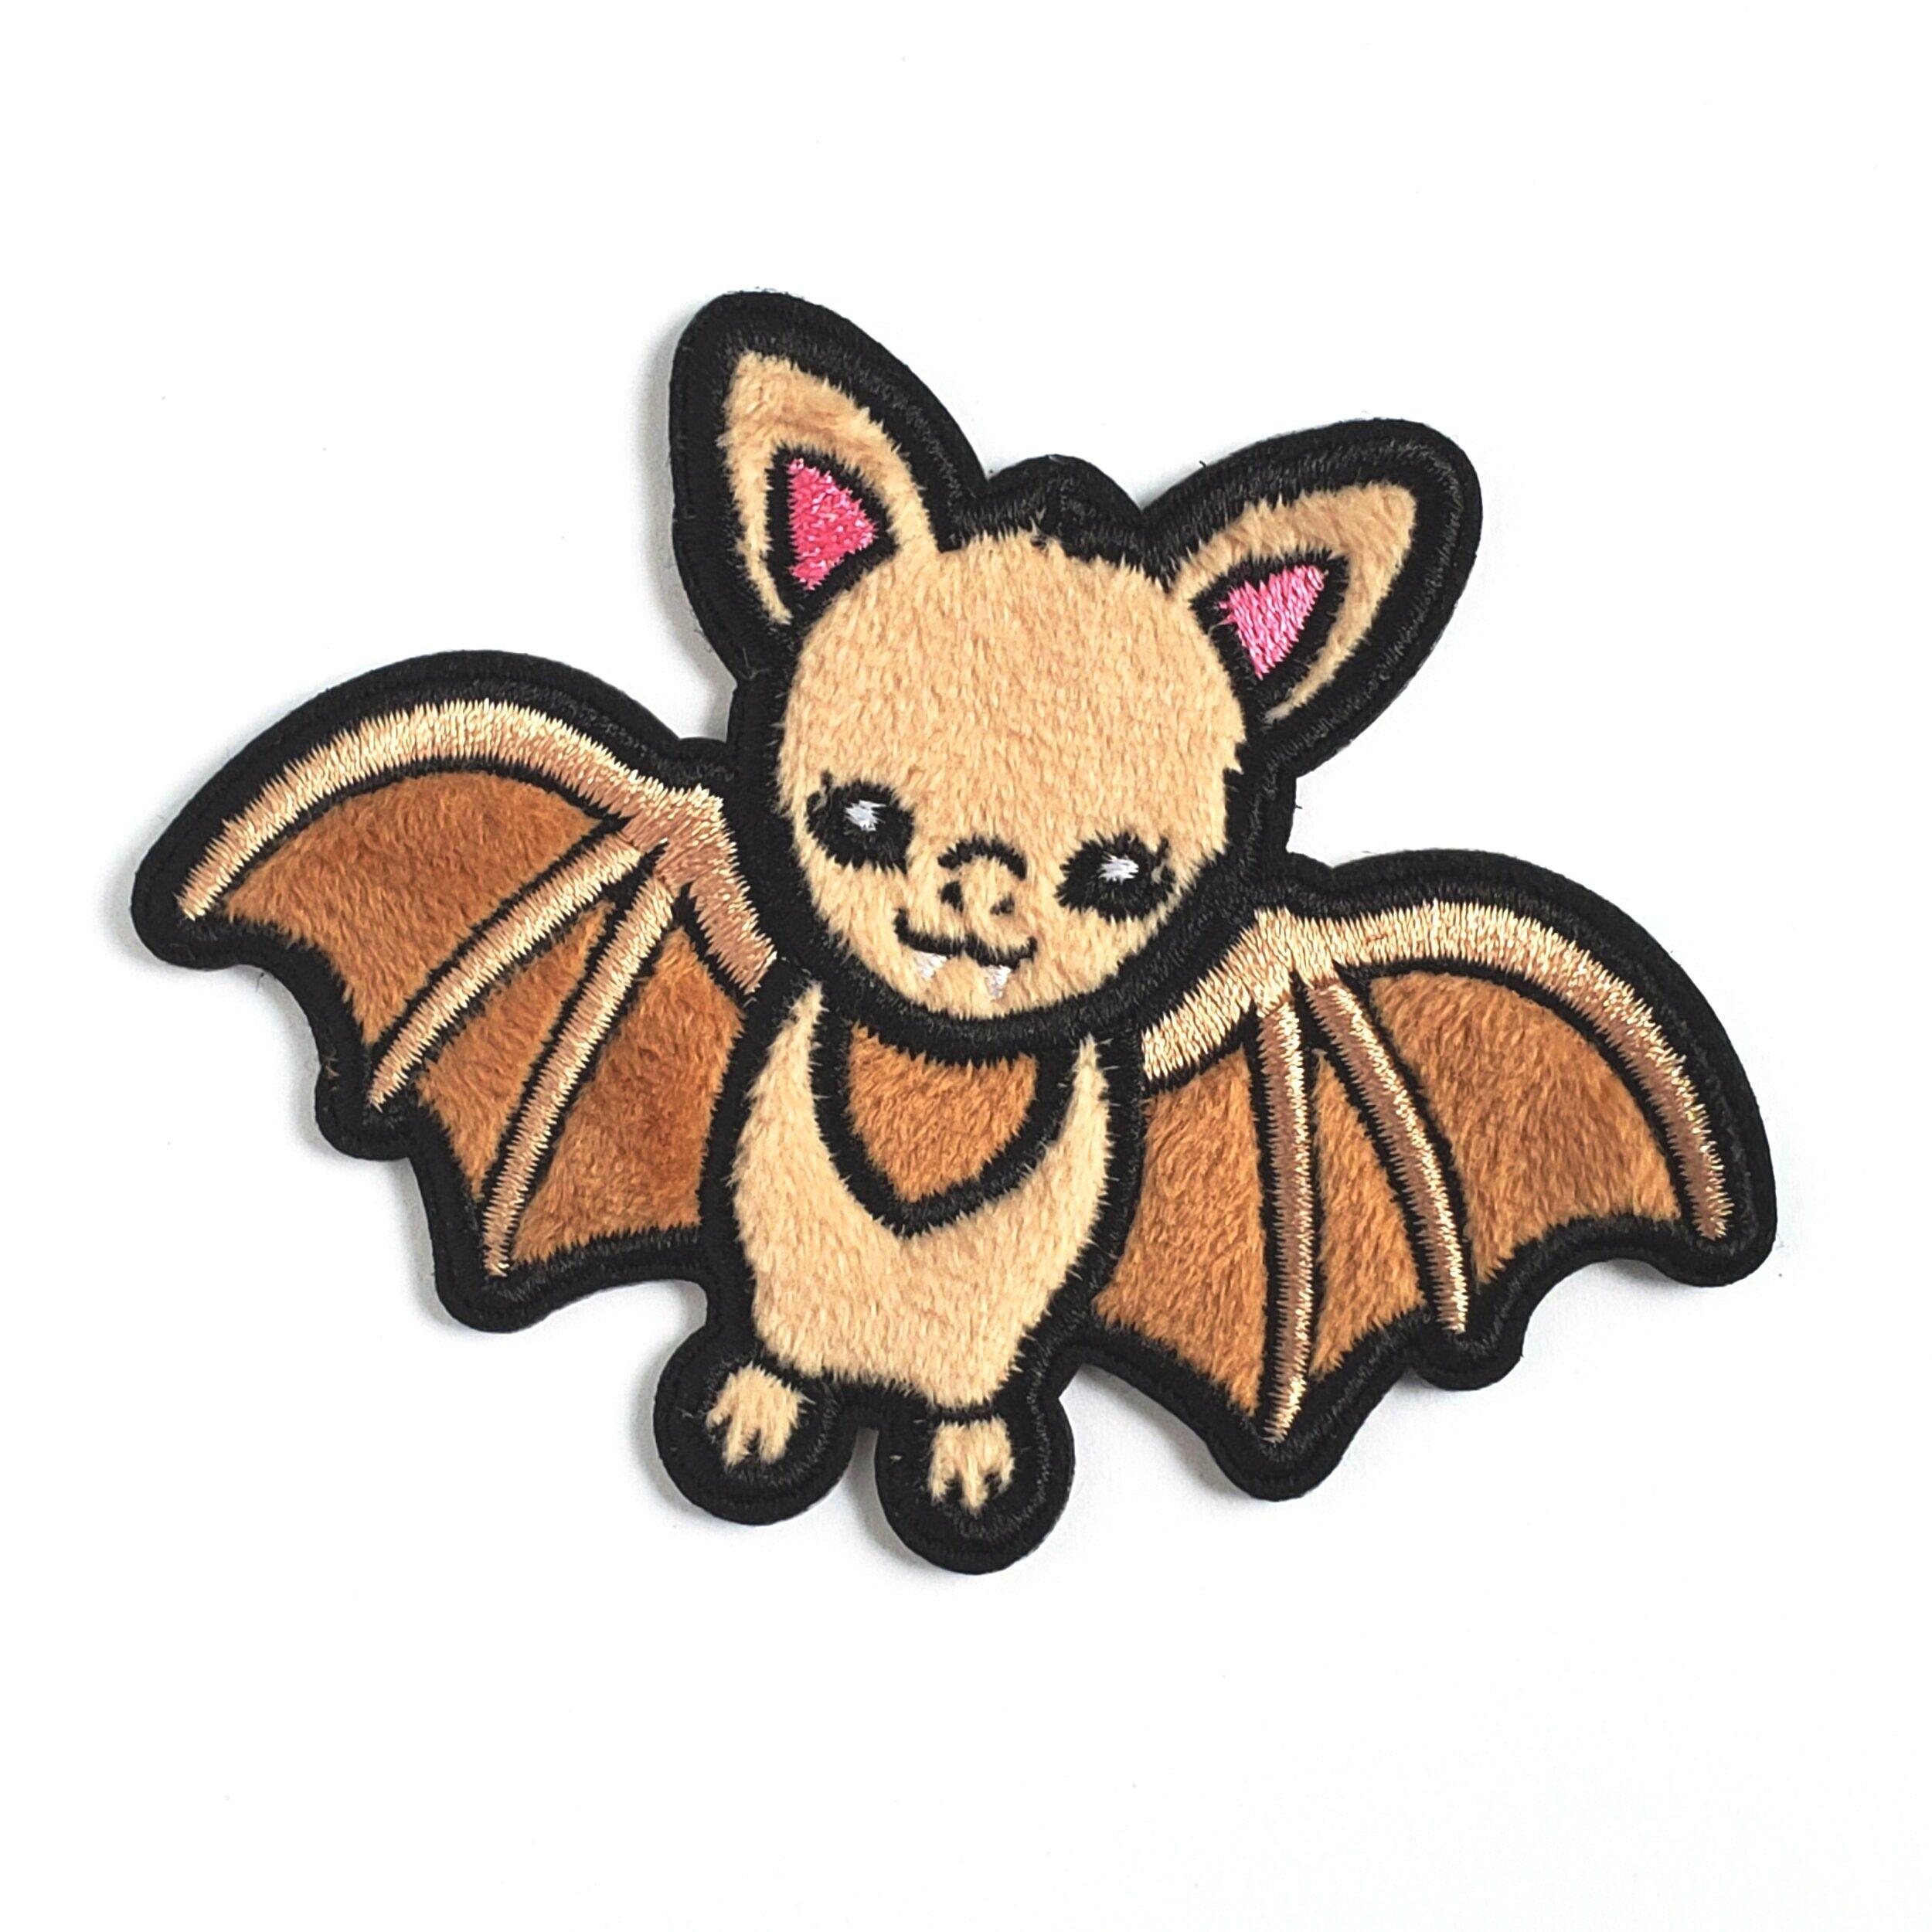 A10 - Bat Patch